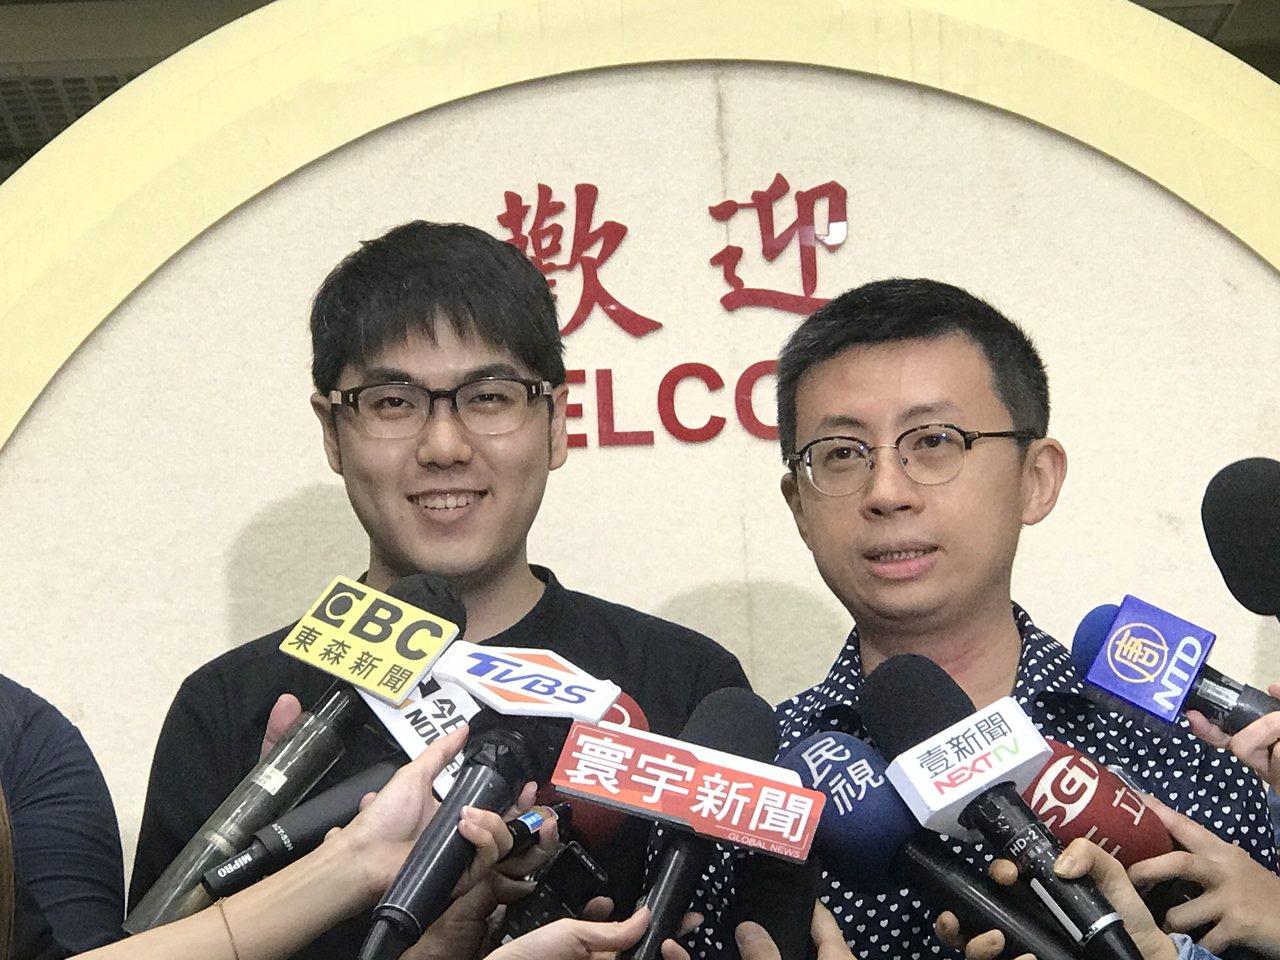 台北市議員邱威傑(右)與網紅志祺七七(左)、視網膜日前共組歡樂無法黨,舉辦創黨大...